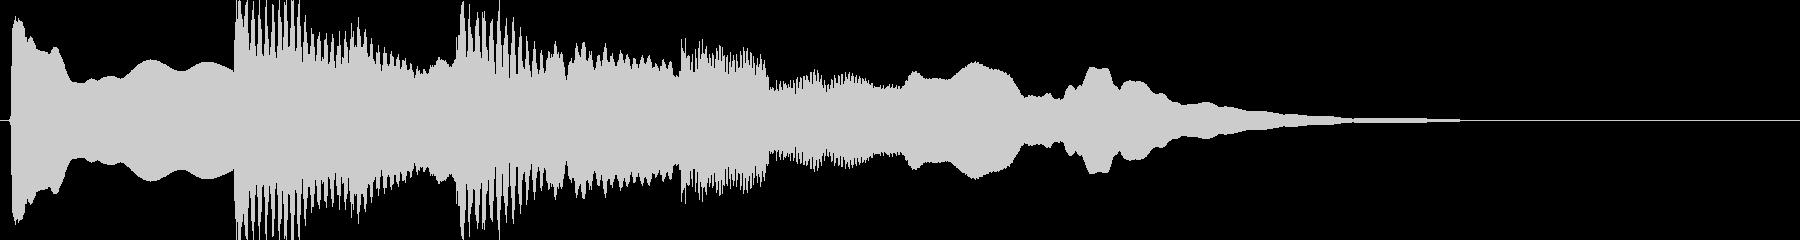 キンコンカンコーン(インフォメーション…の未再生の波形